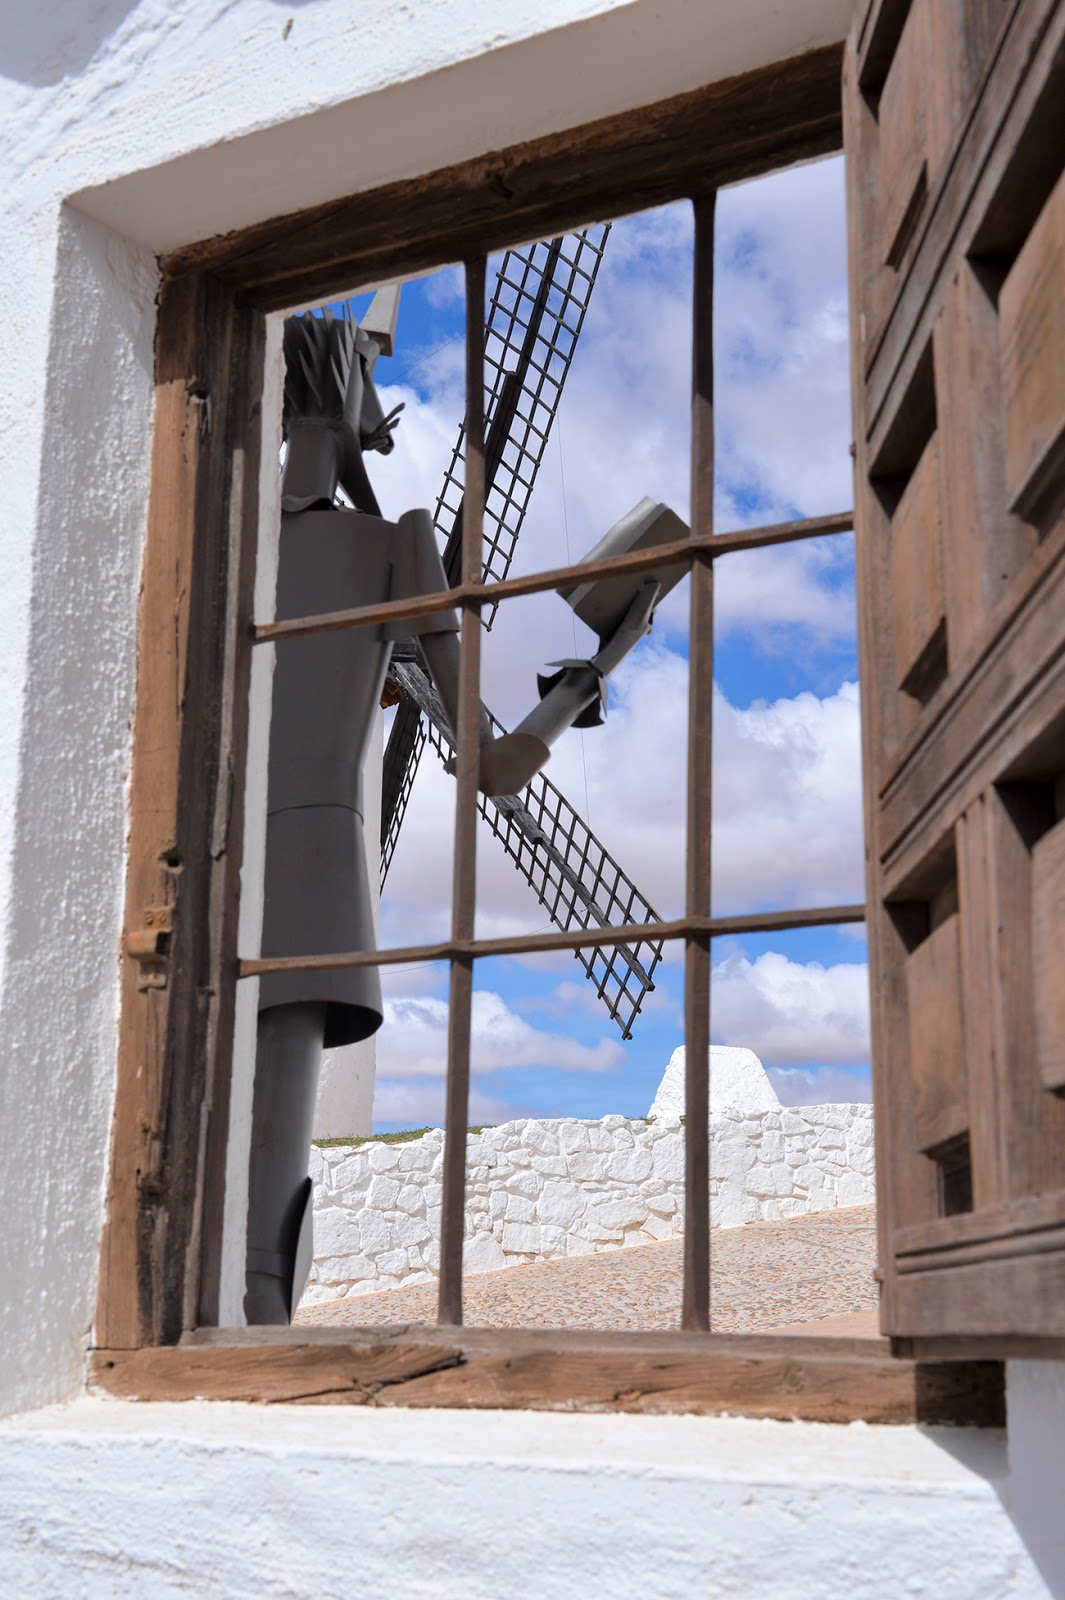 campo de criptana molino windmill quijote quijote la mancha ciudad real